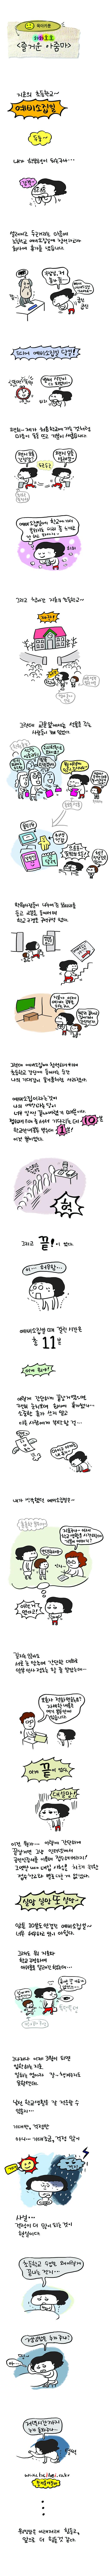 한겨례베이비트리육아카툰예비소집일.jpg